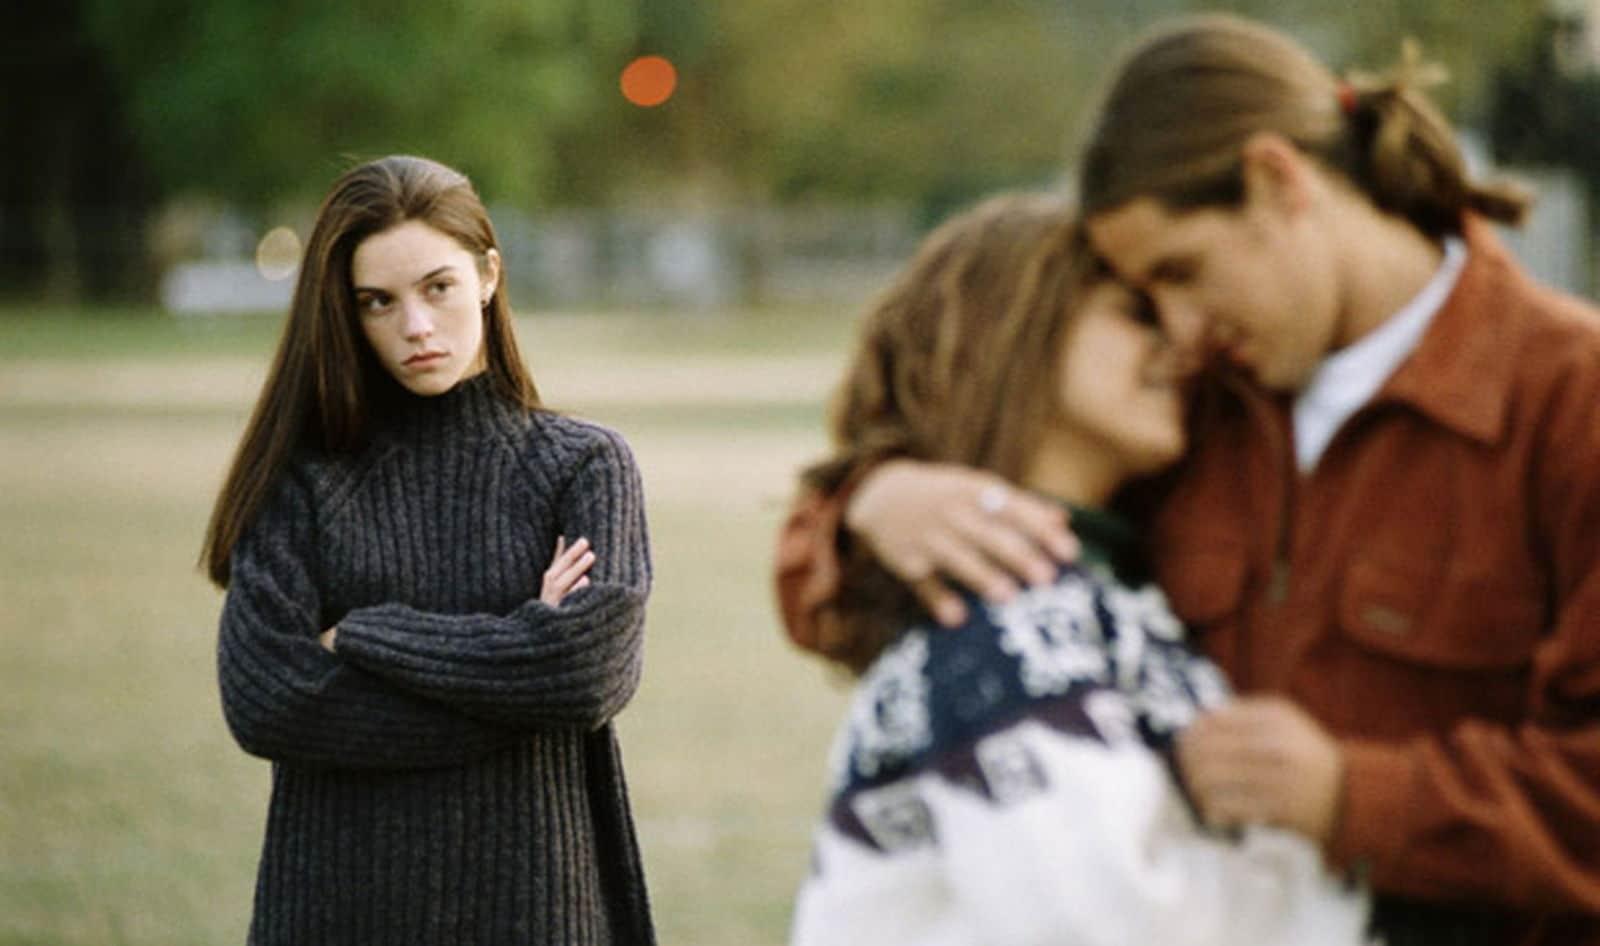 Безответная любовь. Как освободиться от любовной зависимости